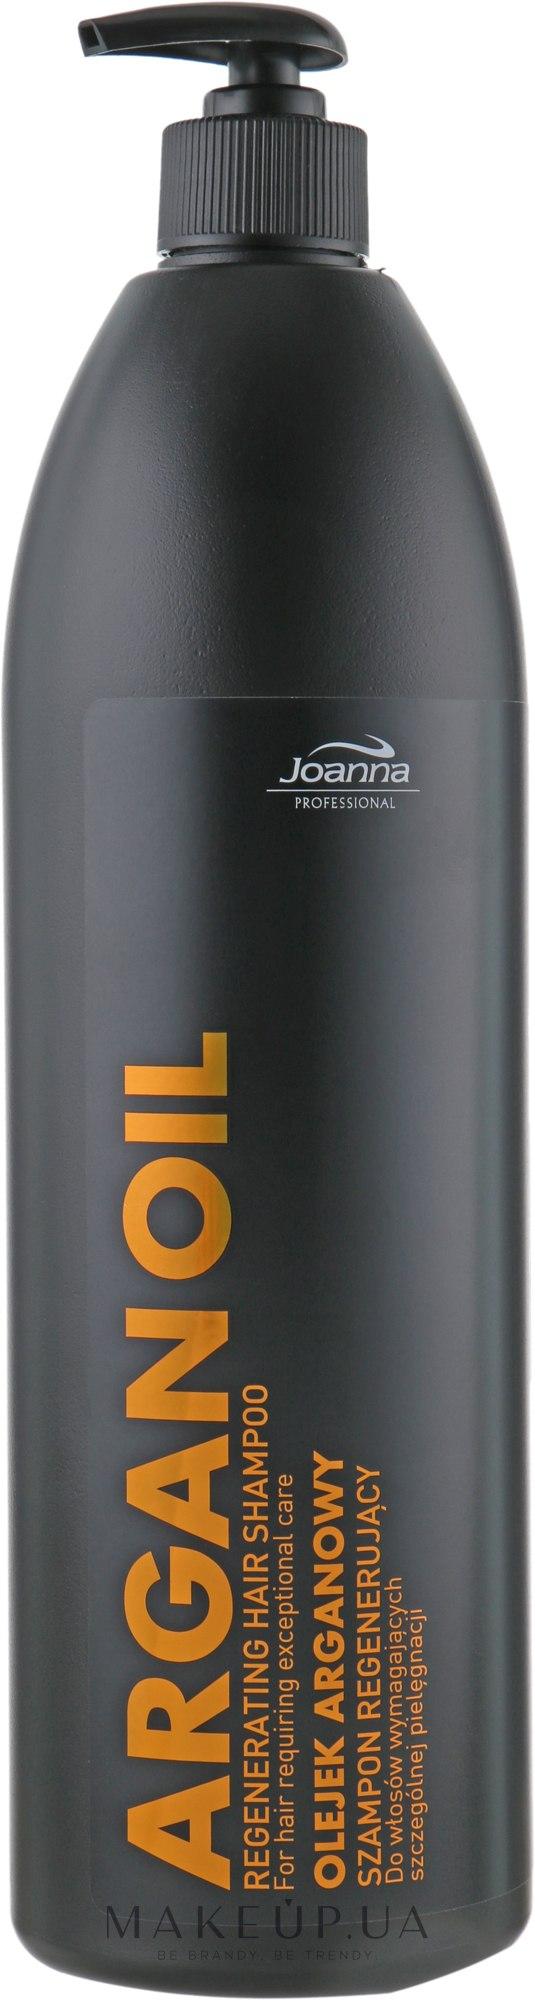 Шампунь для волос нуждающихся в специальном уходе с аргановым маслом - Joanna Professional — фото 1000ml